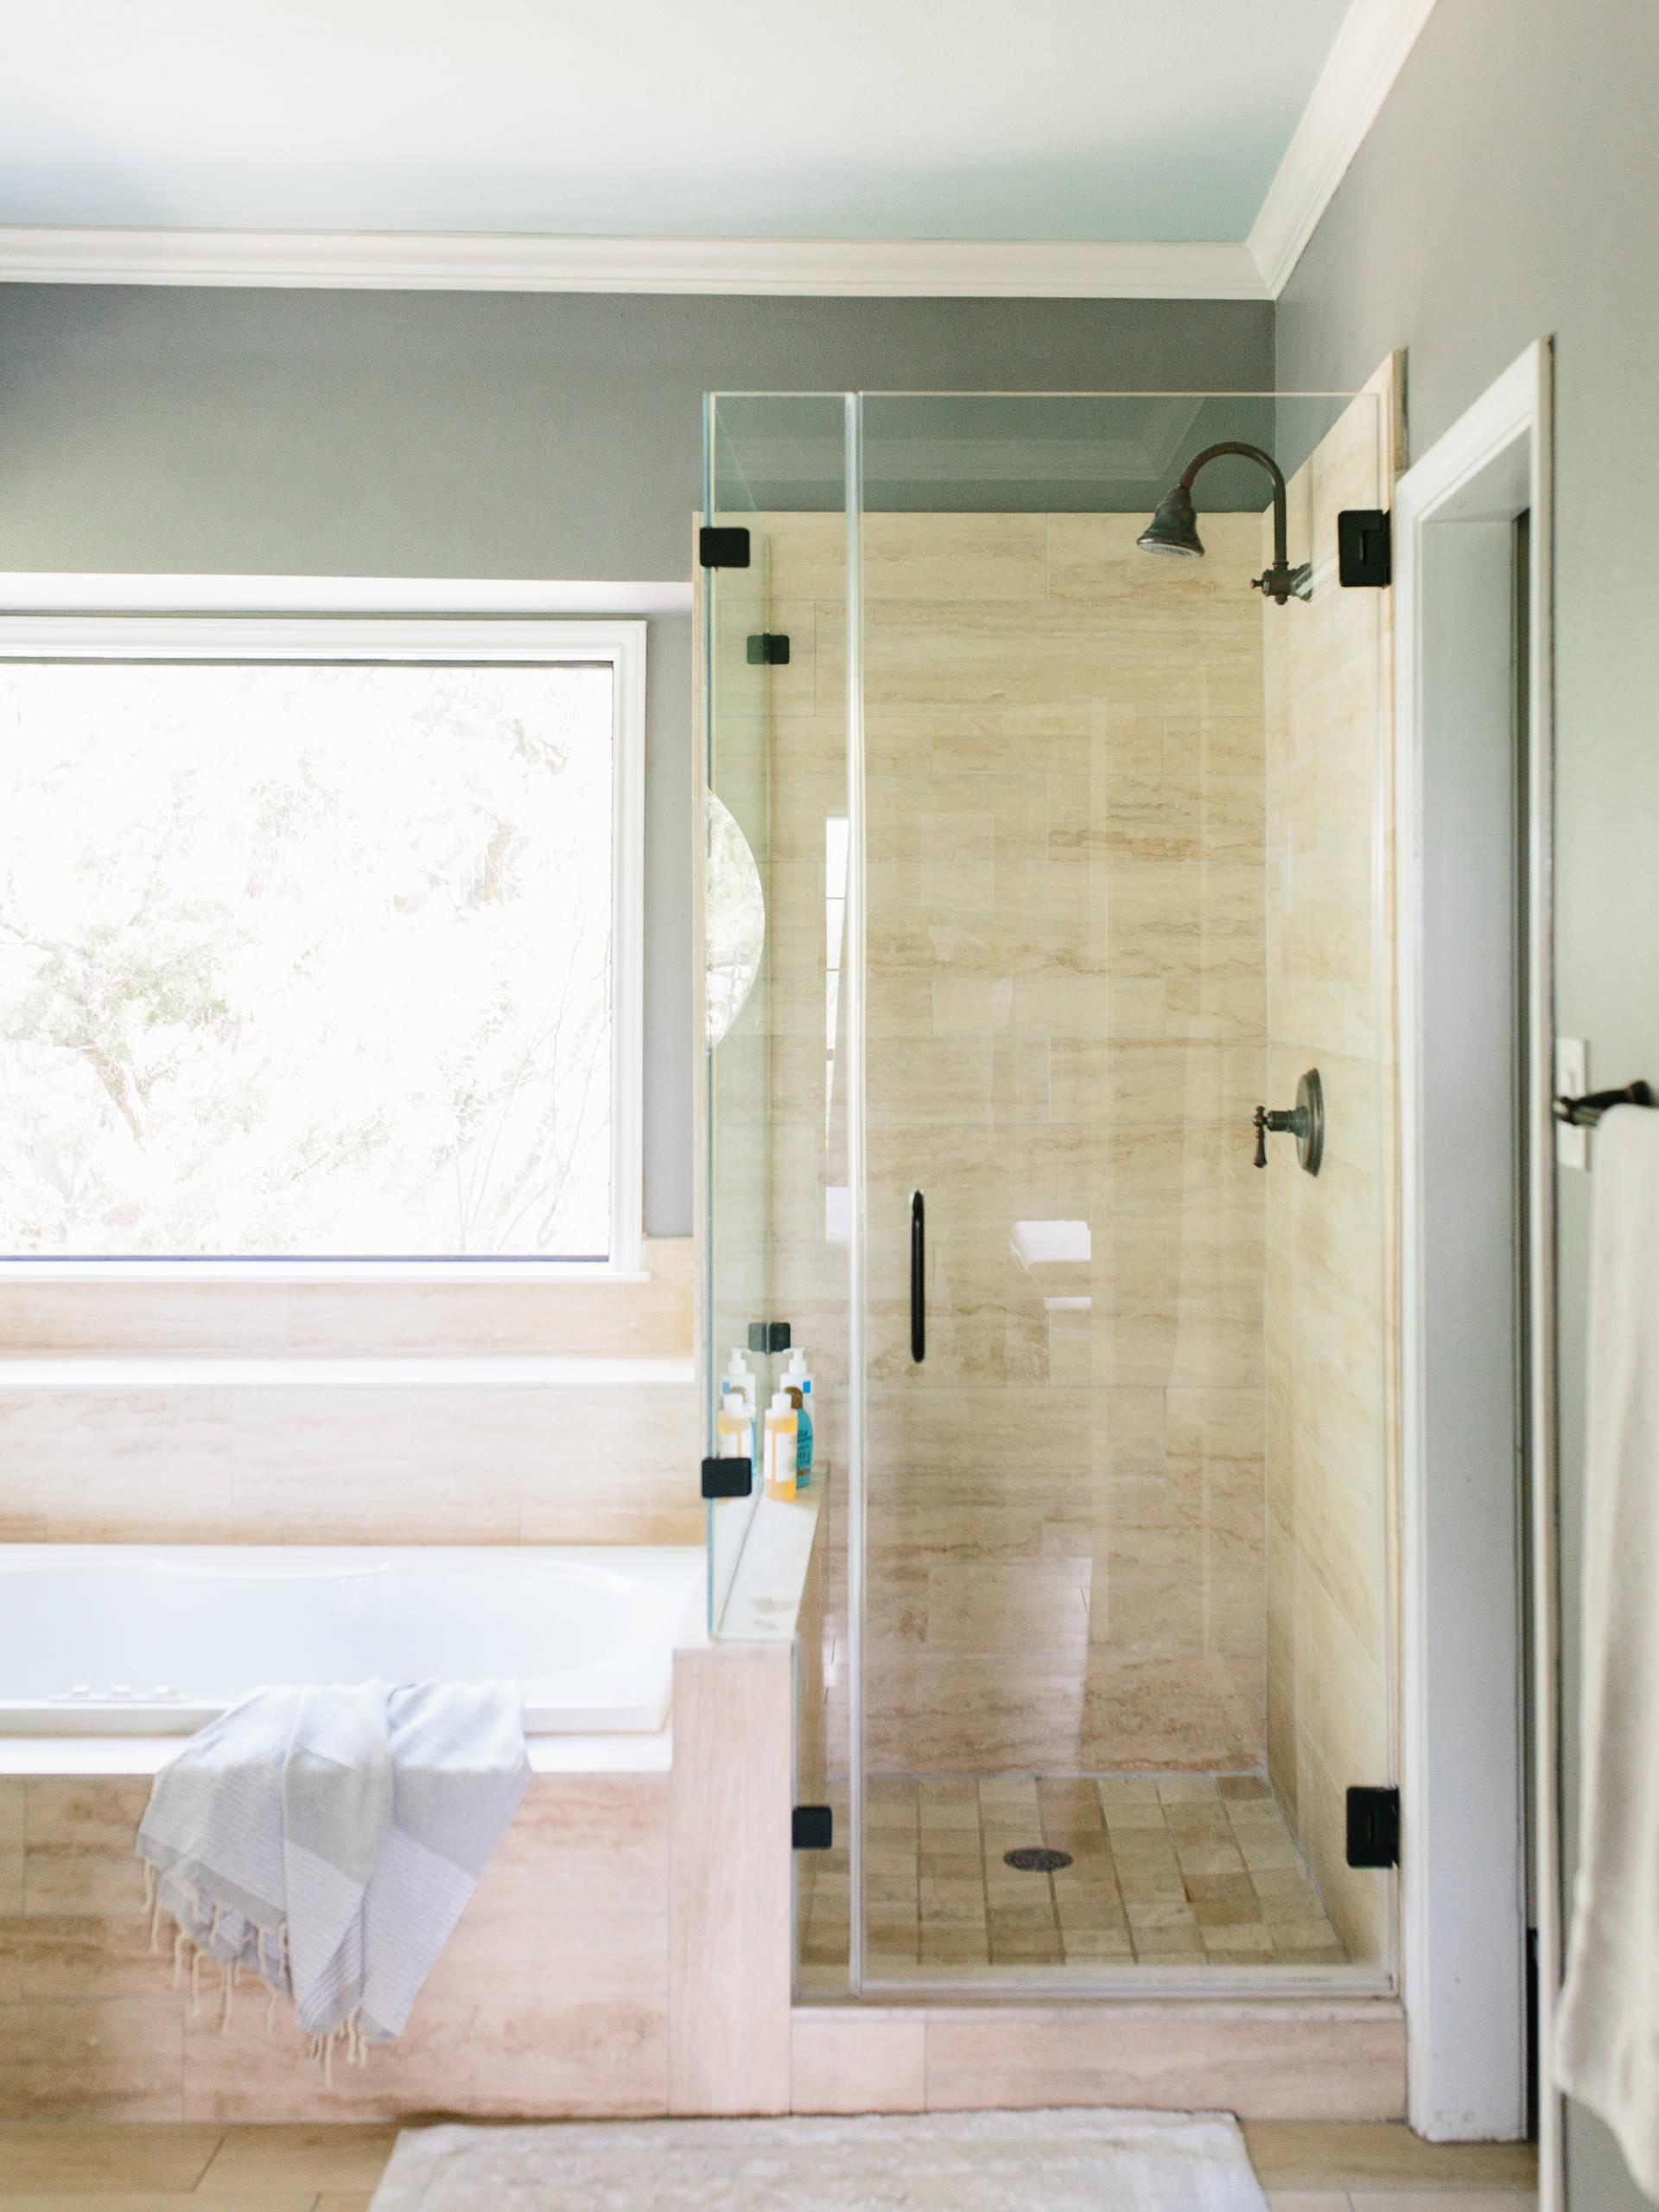 Piastrelle Bianche Diamantate Bagno bagno classico con pavimento alla veneziana - foto, idee